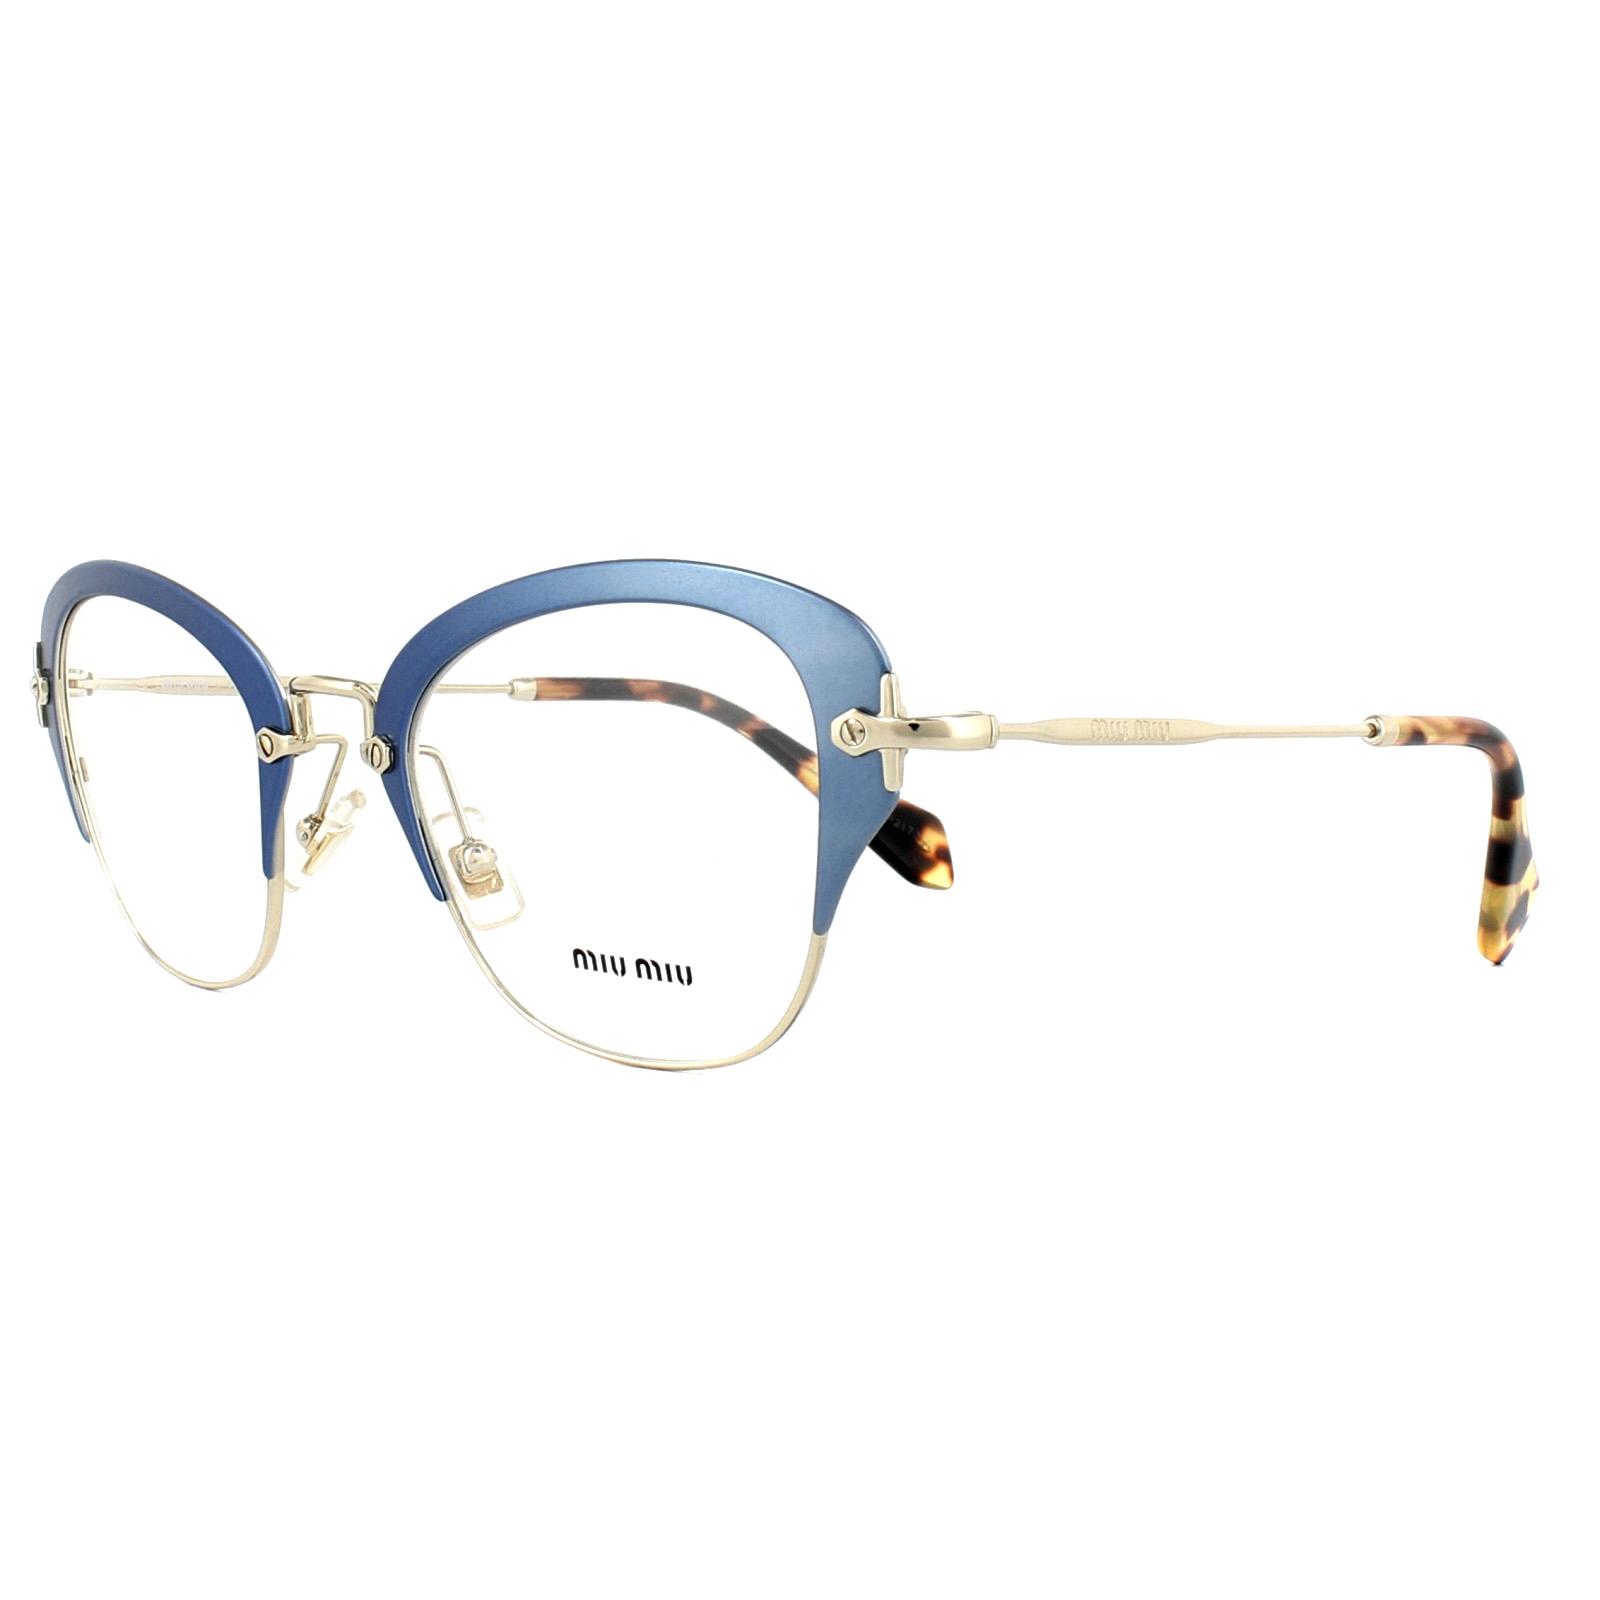 Miu Miu Montature Occhiali MU53OV VA71O1 Intricati Azzurro 50mm da ... fd336538bab